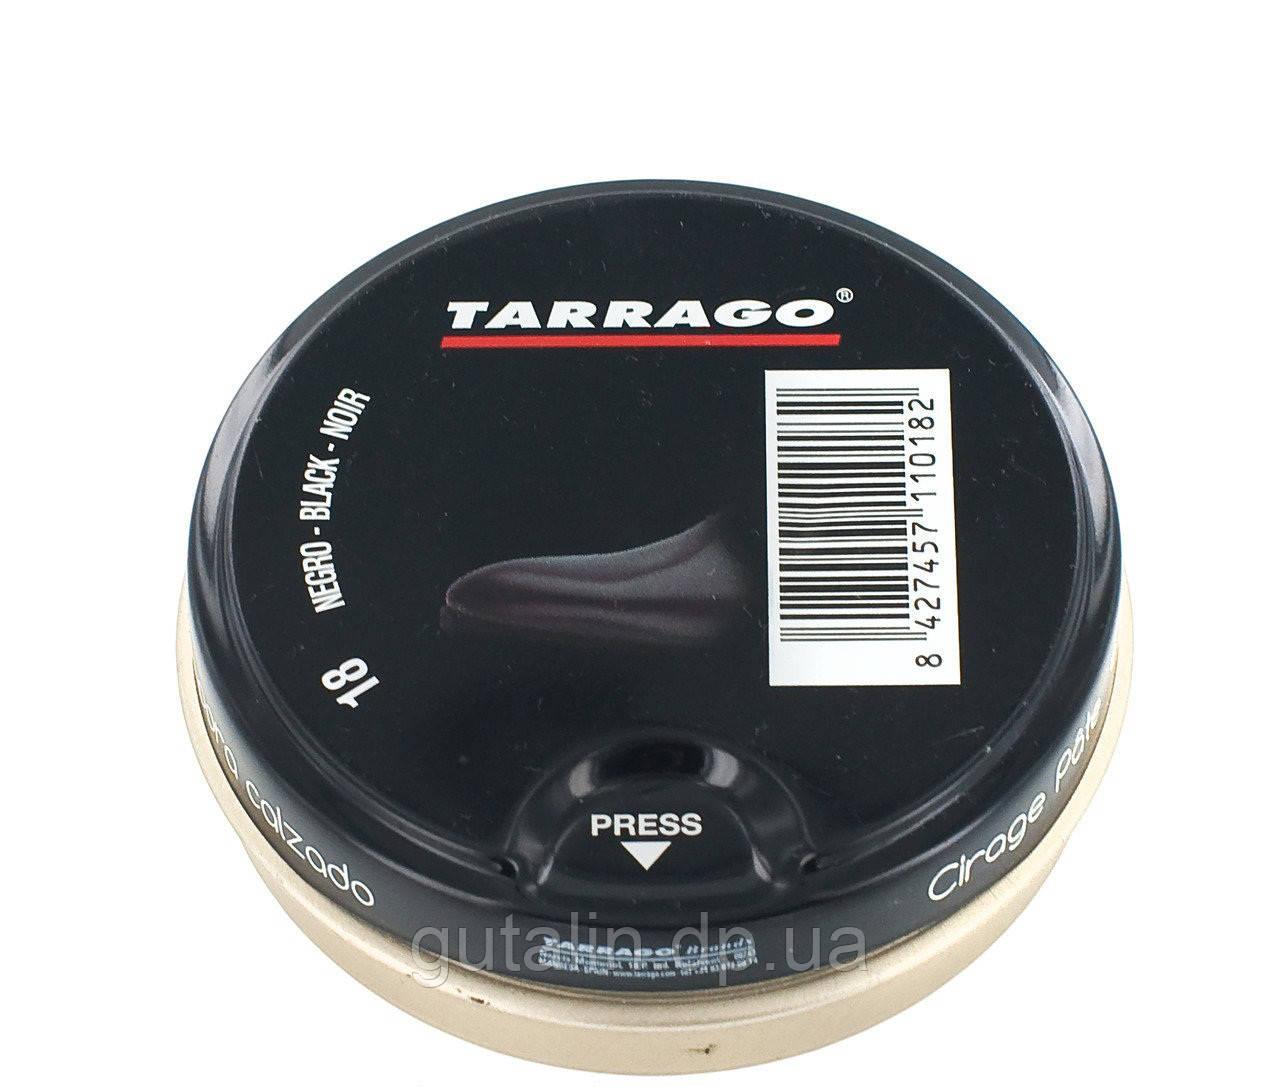 Крем-паста для обуви Tarrago Shoe Polish, 50 мл, цв. черный (18)